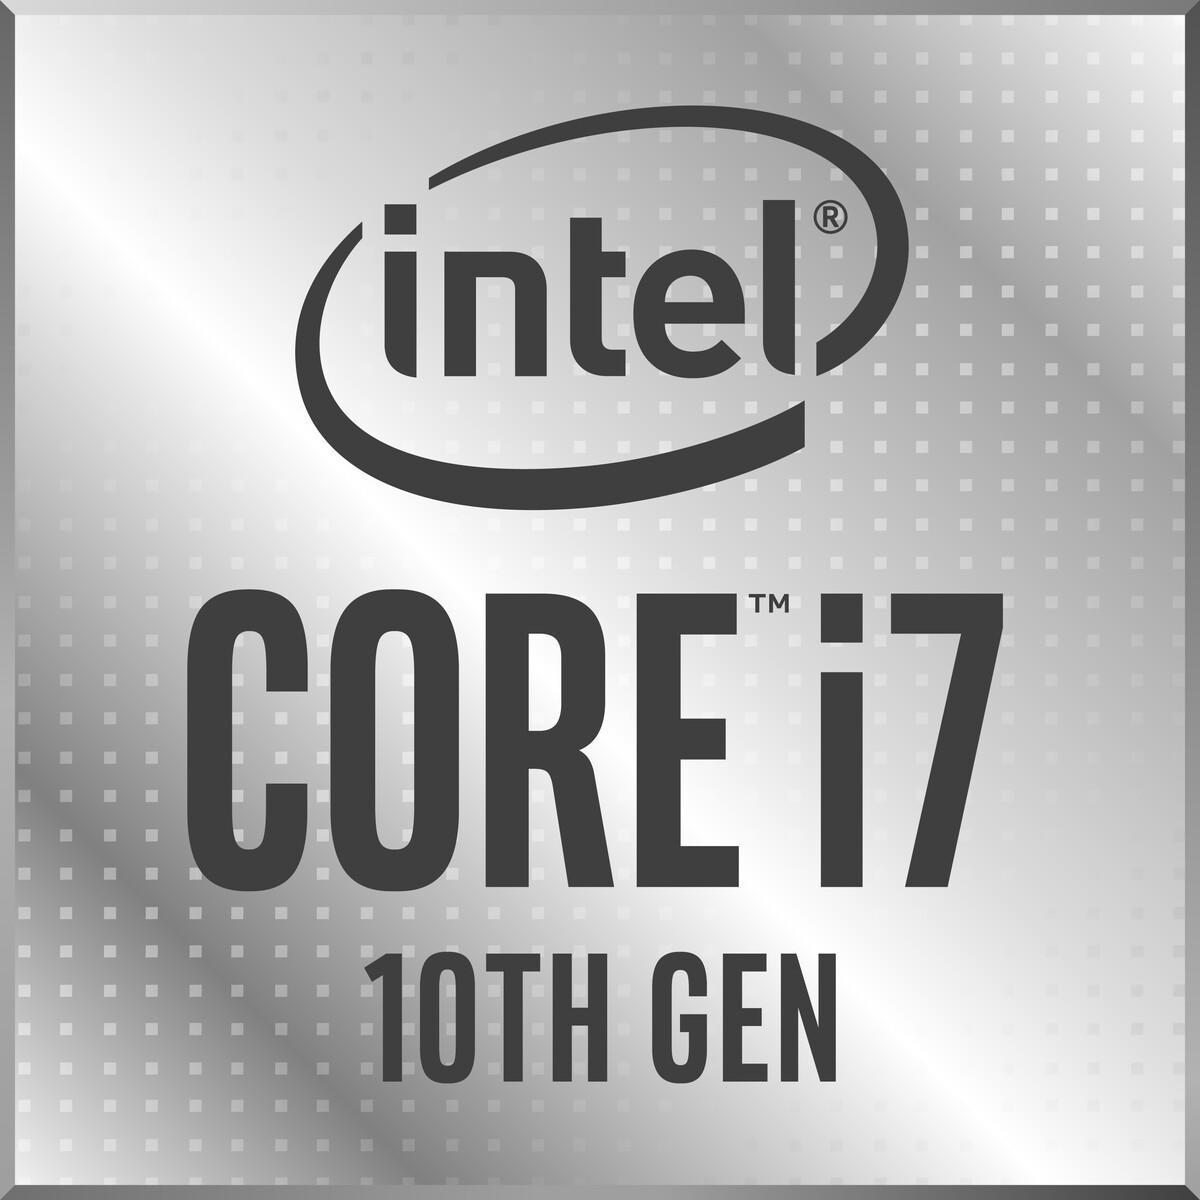 csm-intel-10th-gen-core-i7-badge-337206af01.jpg